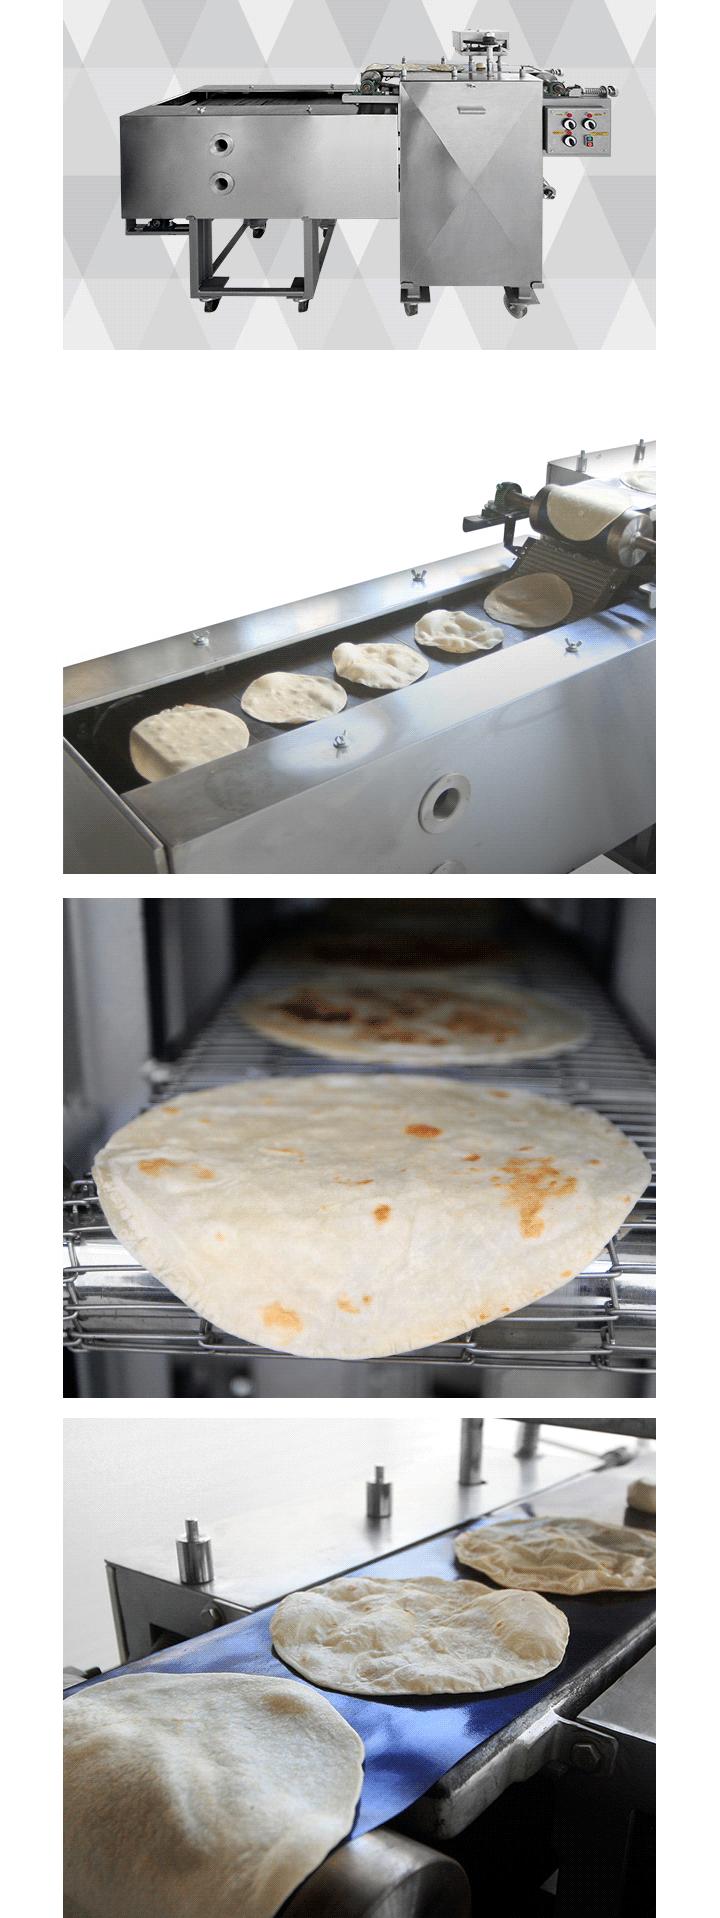 Maquina Tortilladora V20